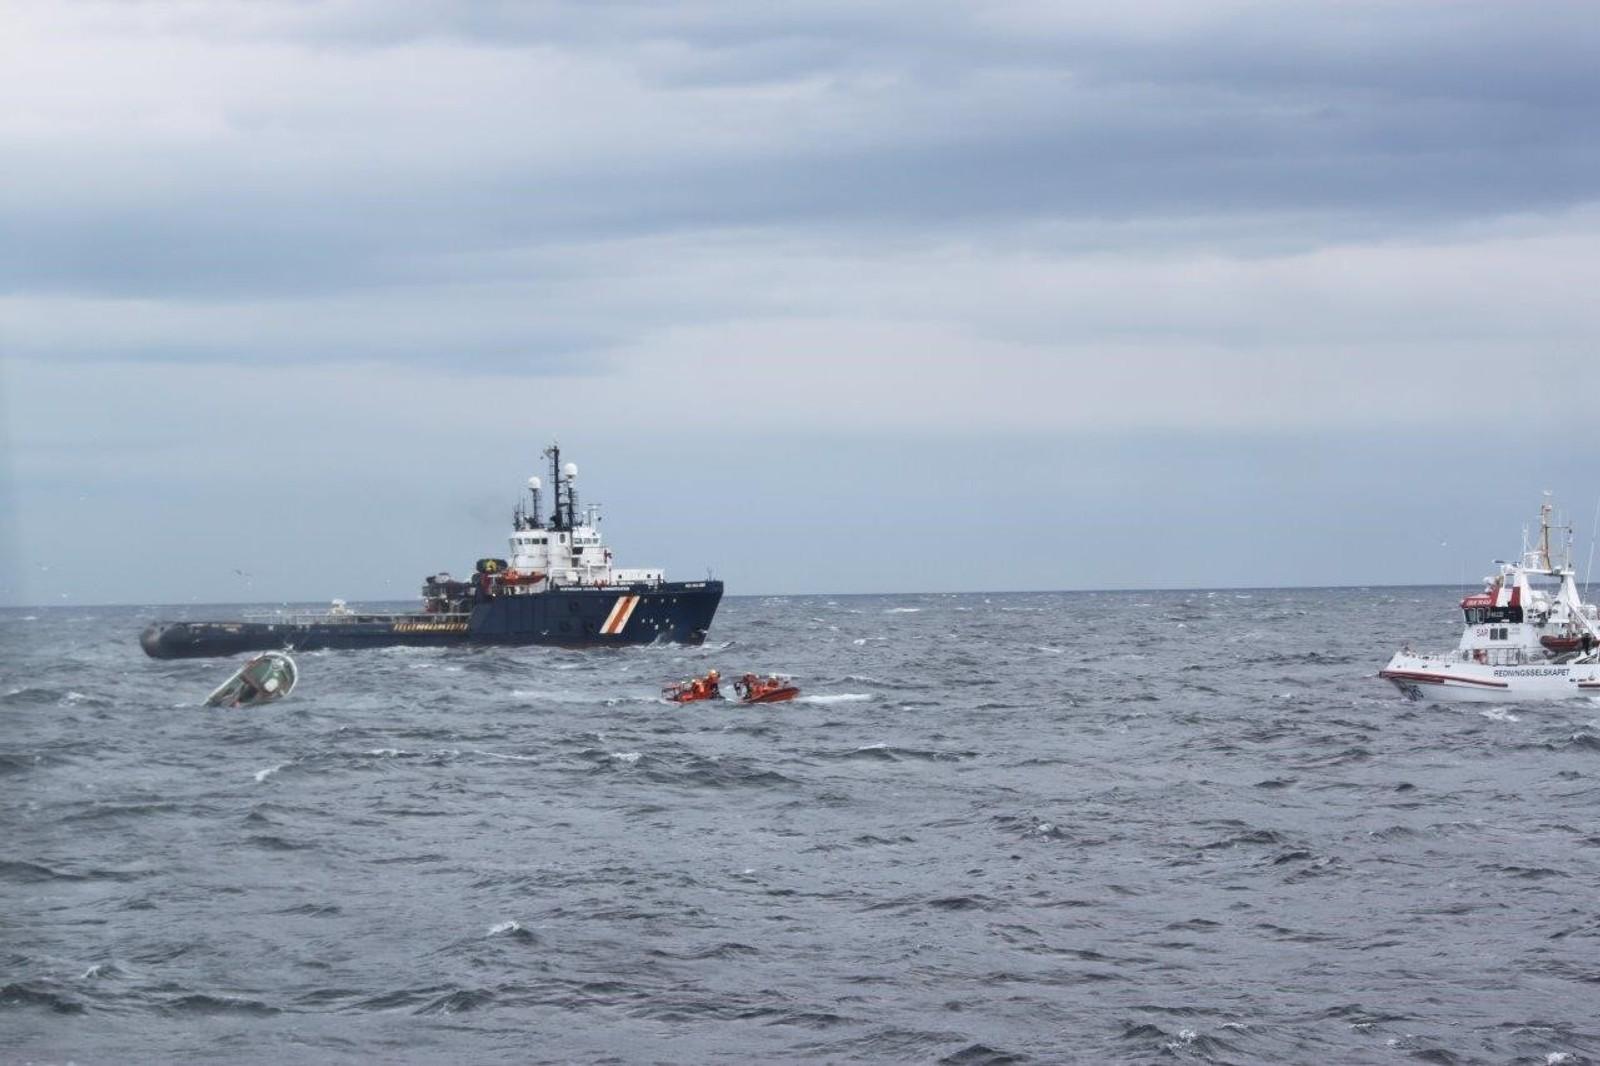 Kort tid etter at alarmen gikk var redningsskøyta «Reidar von Koss», fiskebåten «Soya», kystvaktfartøyet «KV Farm», supplyfartøyet «NSO Crusader» og et redningshelikopter på vei.